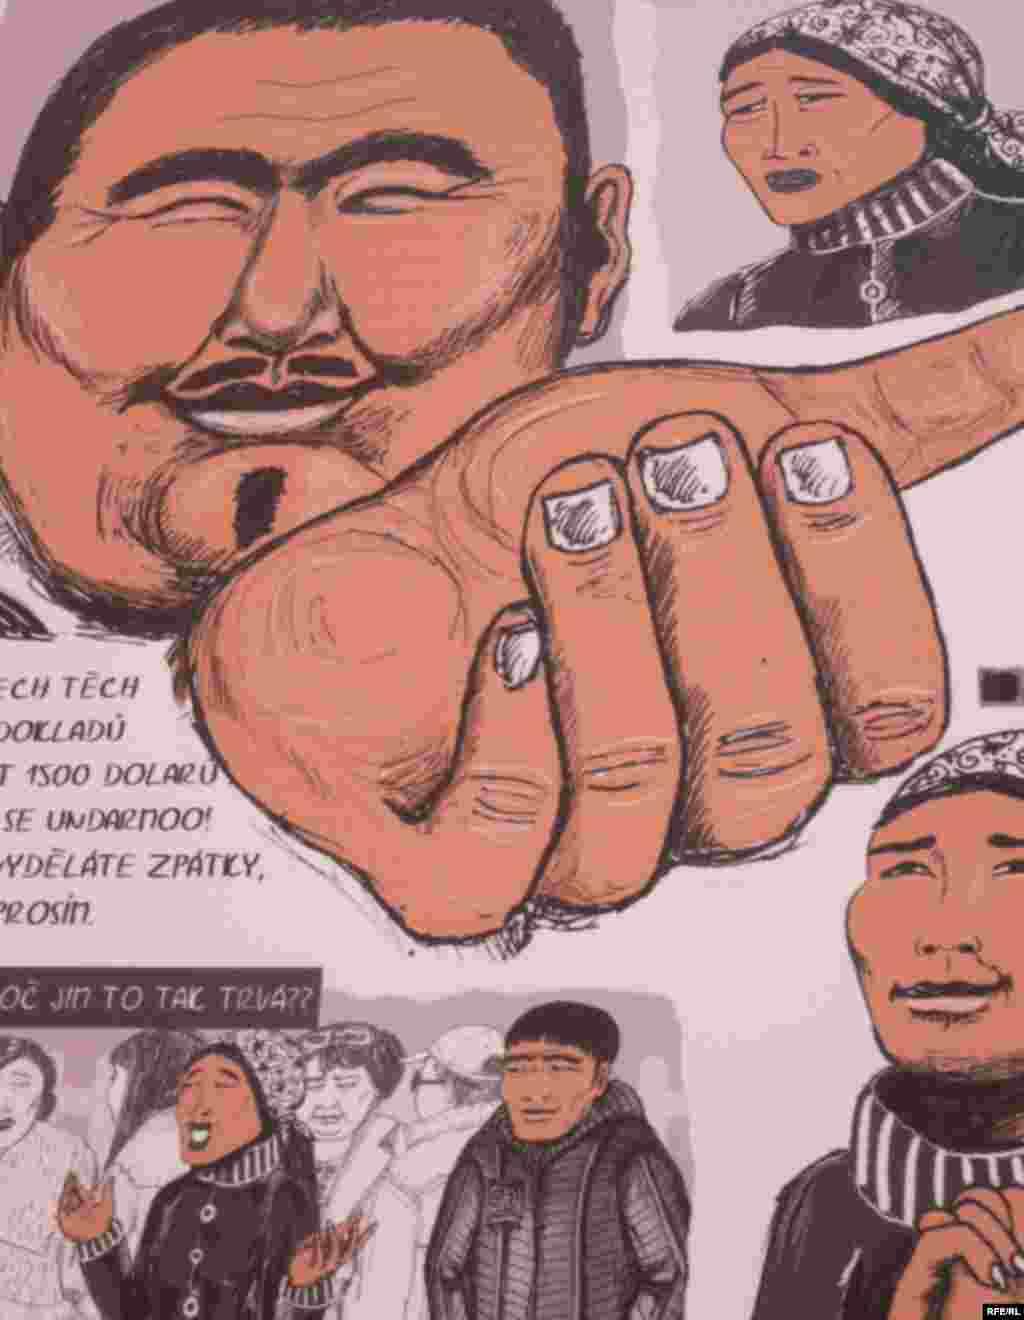 Анна Тейклова – серія коміксів «Довге очікування візи» про монгольських заробітчан - 8